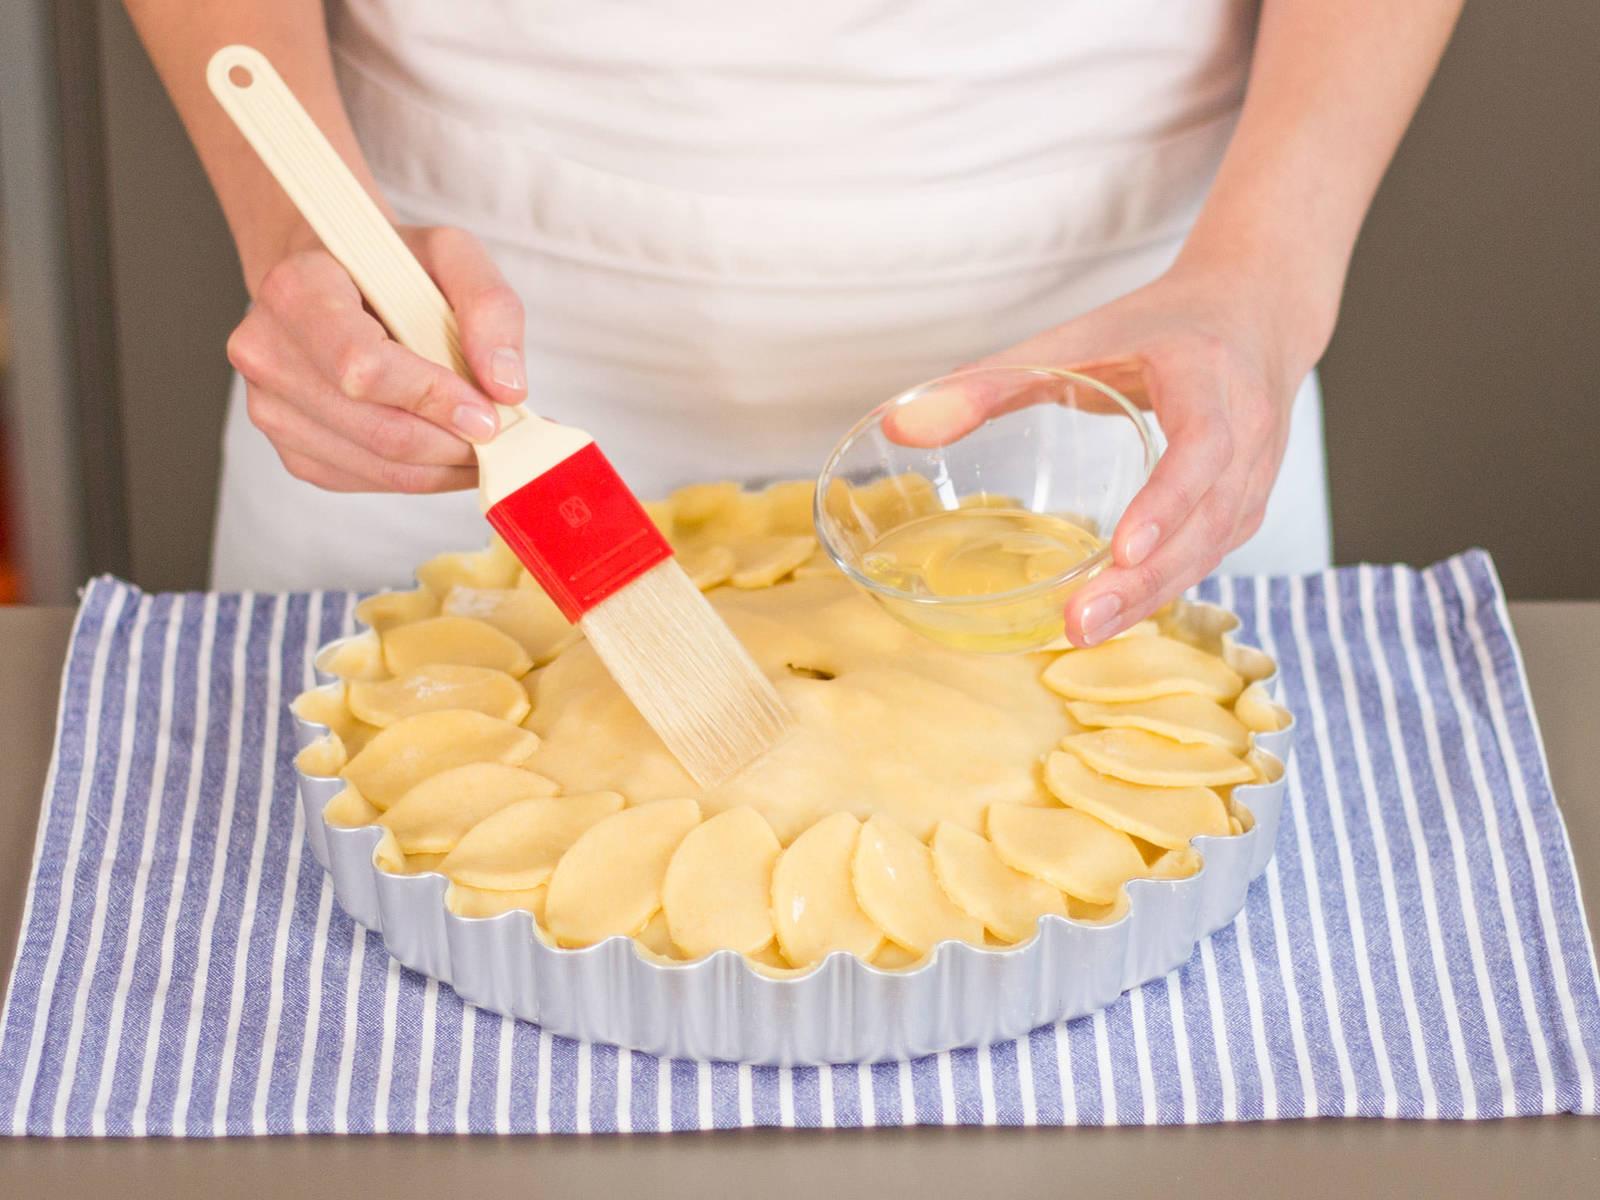 Apfelstücke in die Pie-Form geben und gleichmäßig verteilen. Den Rest der Butter in Stücke schneiden und auf die Äpfel geben. Pie mit dem verbliebenen Teig abdecken. Kleines Loch in der Mitte freilassen, damit Luft entweichen kann. Wasser und Eiweiß vermengen und mit einem Backpinsel Pie-Deckel bestreichen. Zurück in den Backofen geben und bei 180°C ca. 50 – 55 Min. goldbraun backen. Guten Appetit!